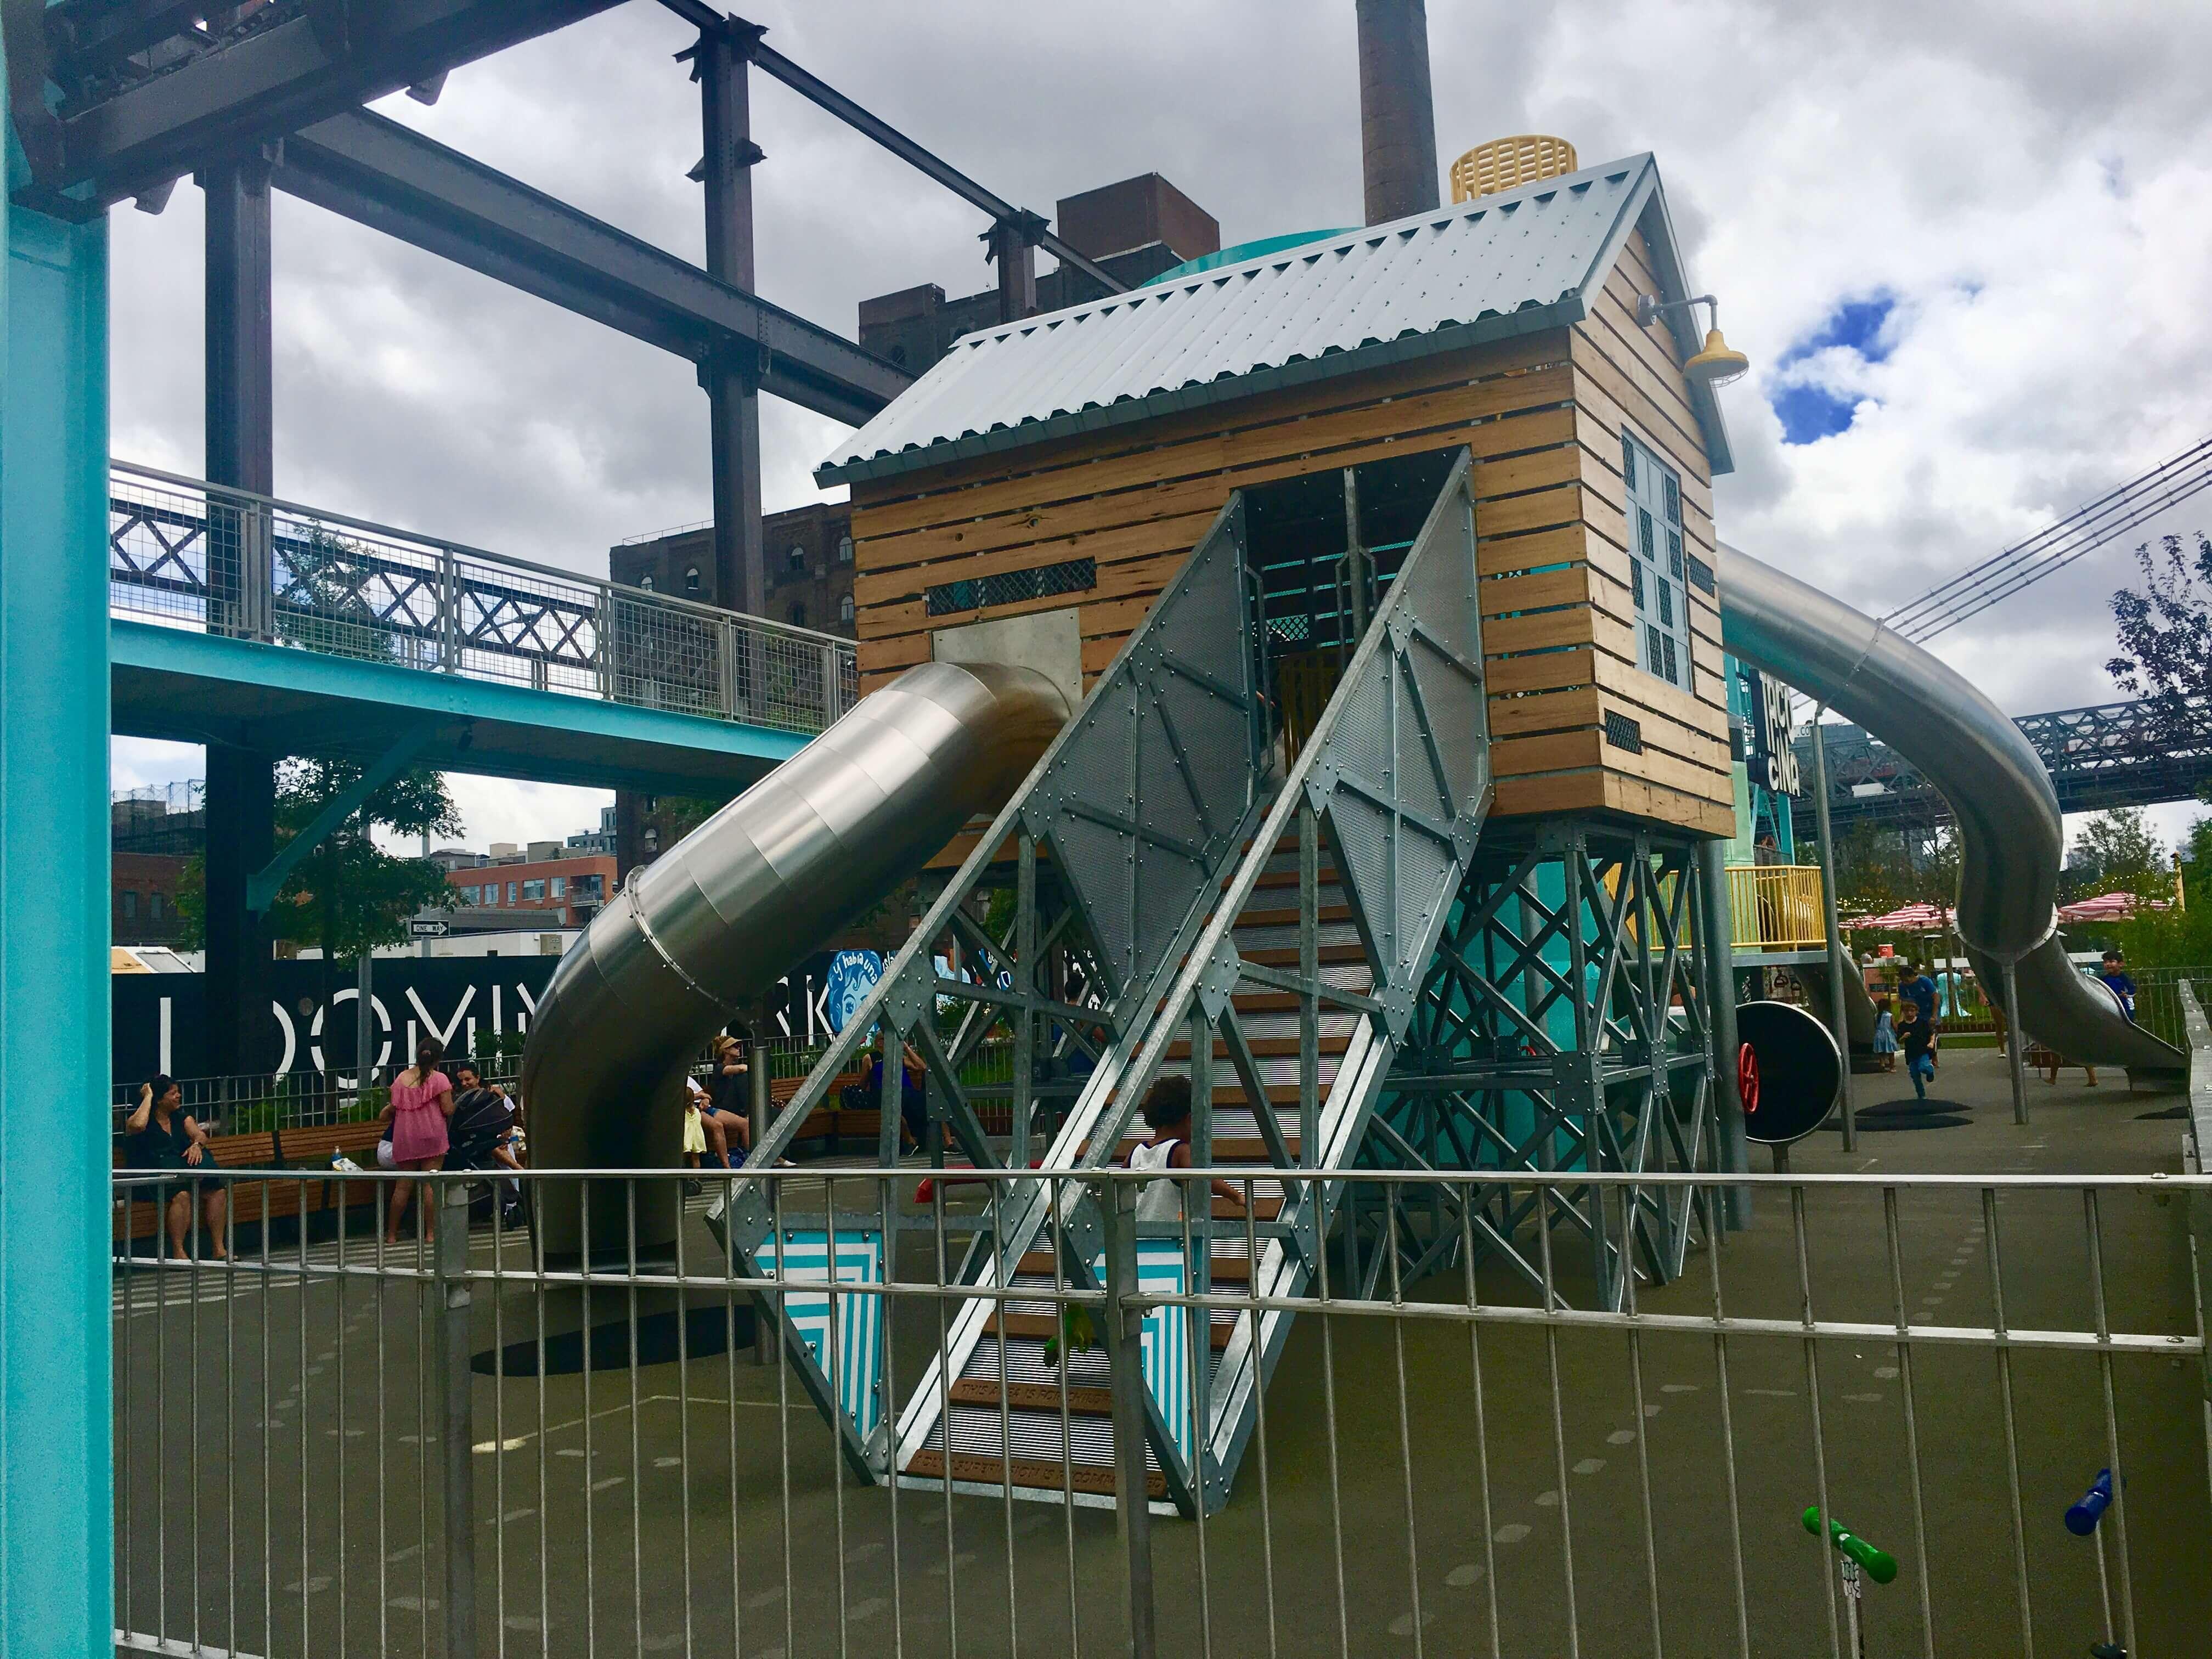 Domino Park playground